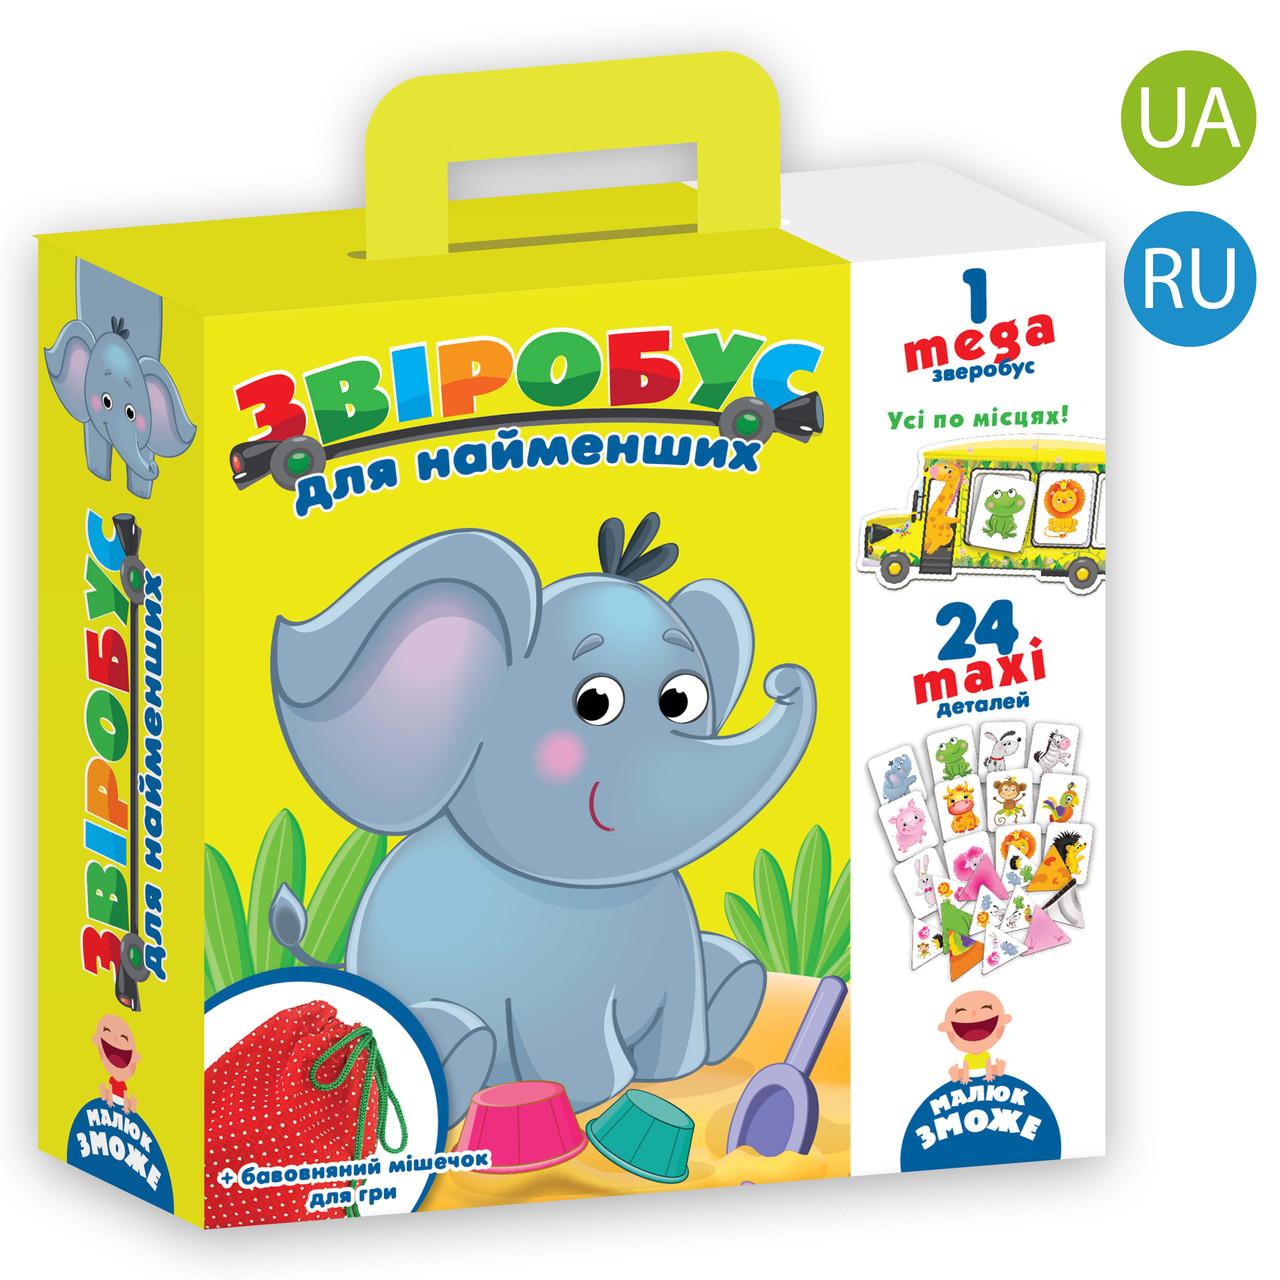 """Гра з мішечком """"Звіробуc"""" для найменших, Vladi Toys"""